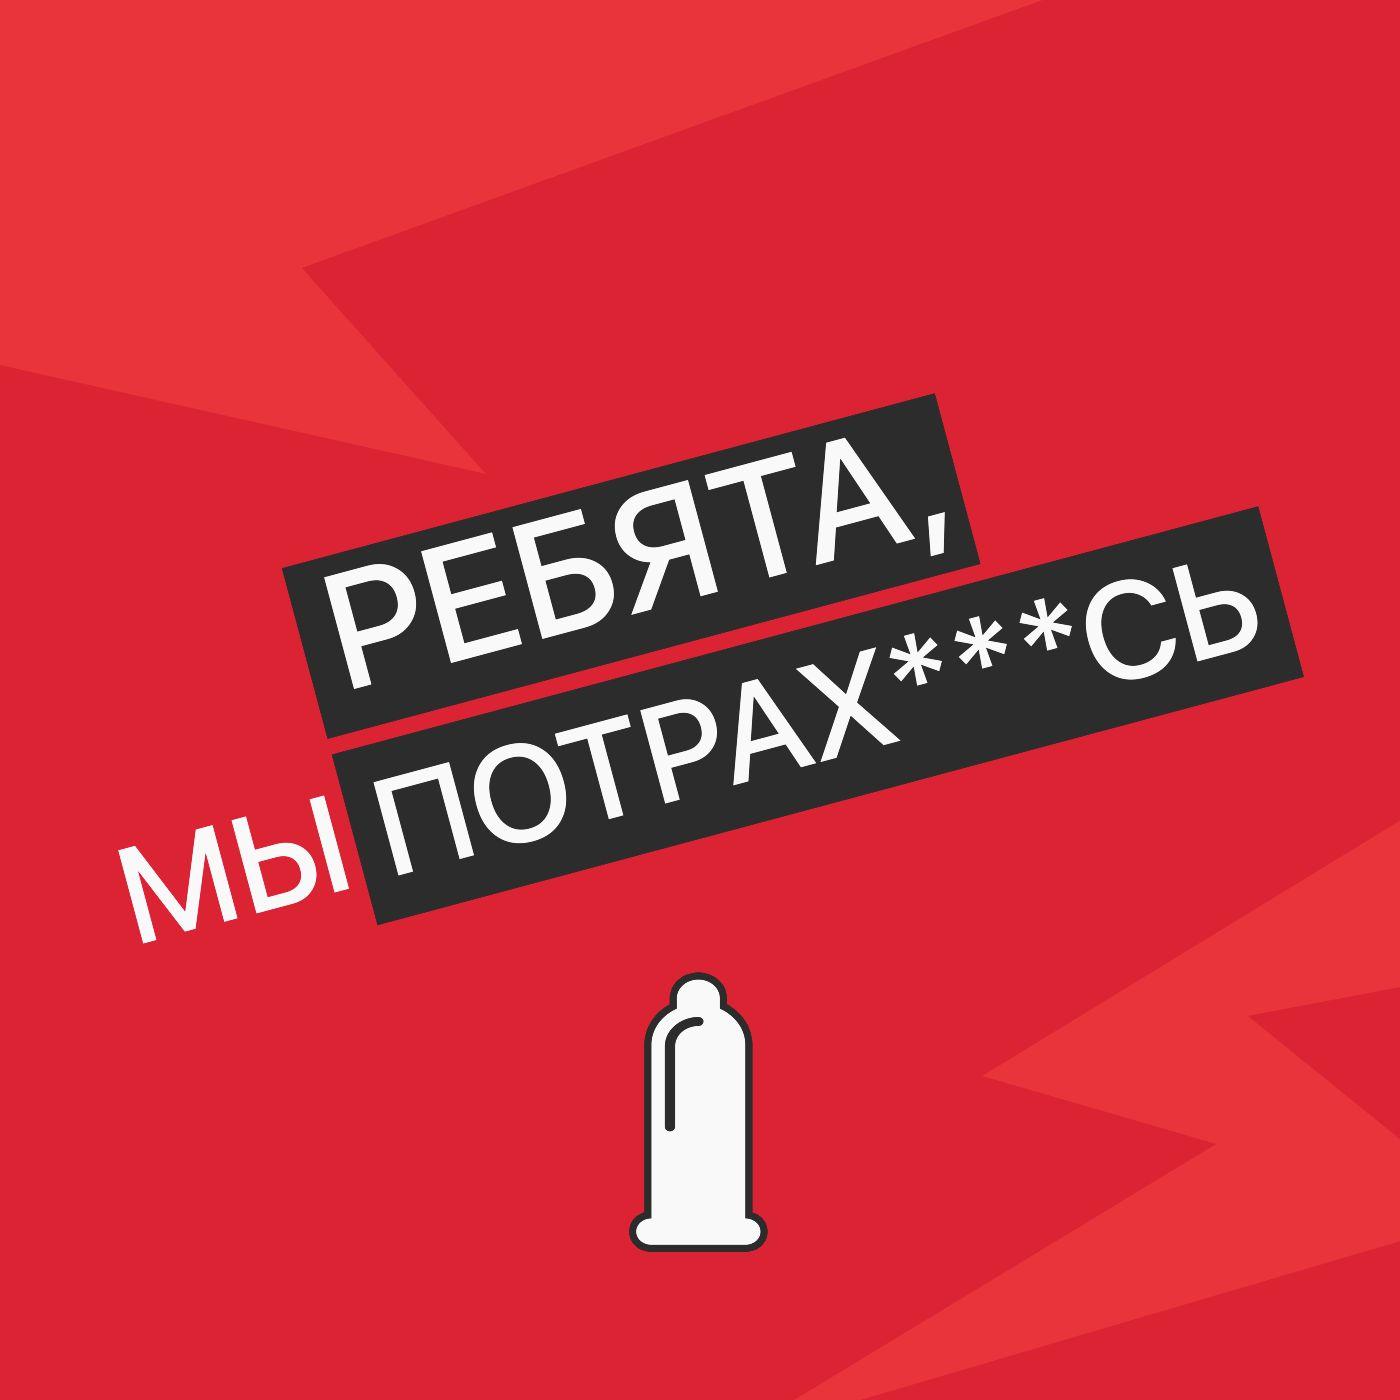 Творческий коллектив Mojomedia Выпуск № 31 творческий коллектив mojomedia выпуск 57